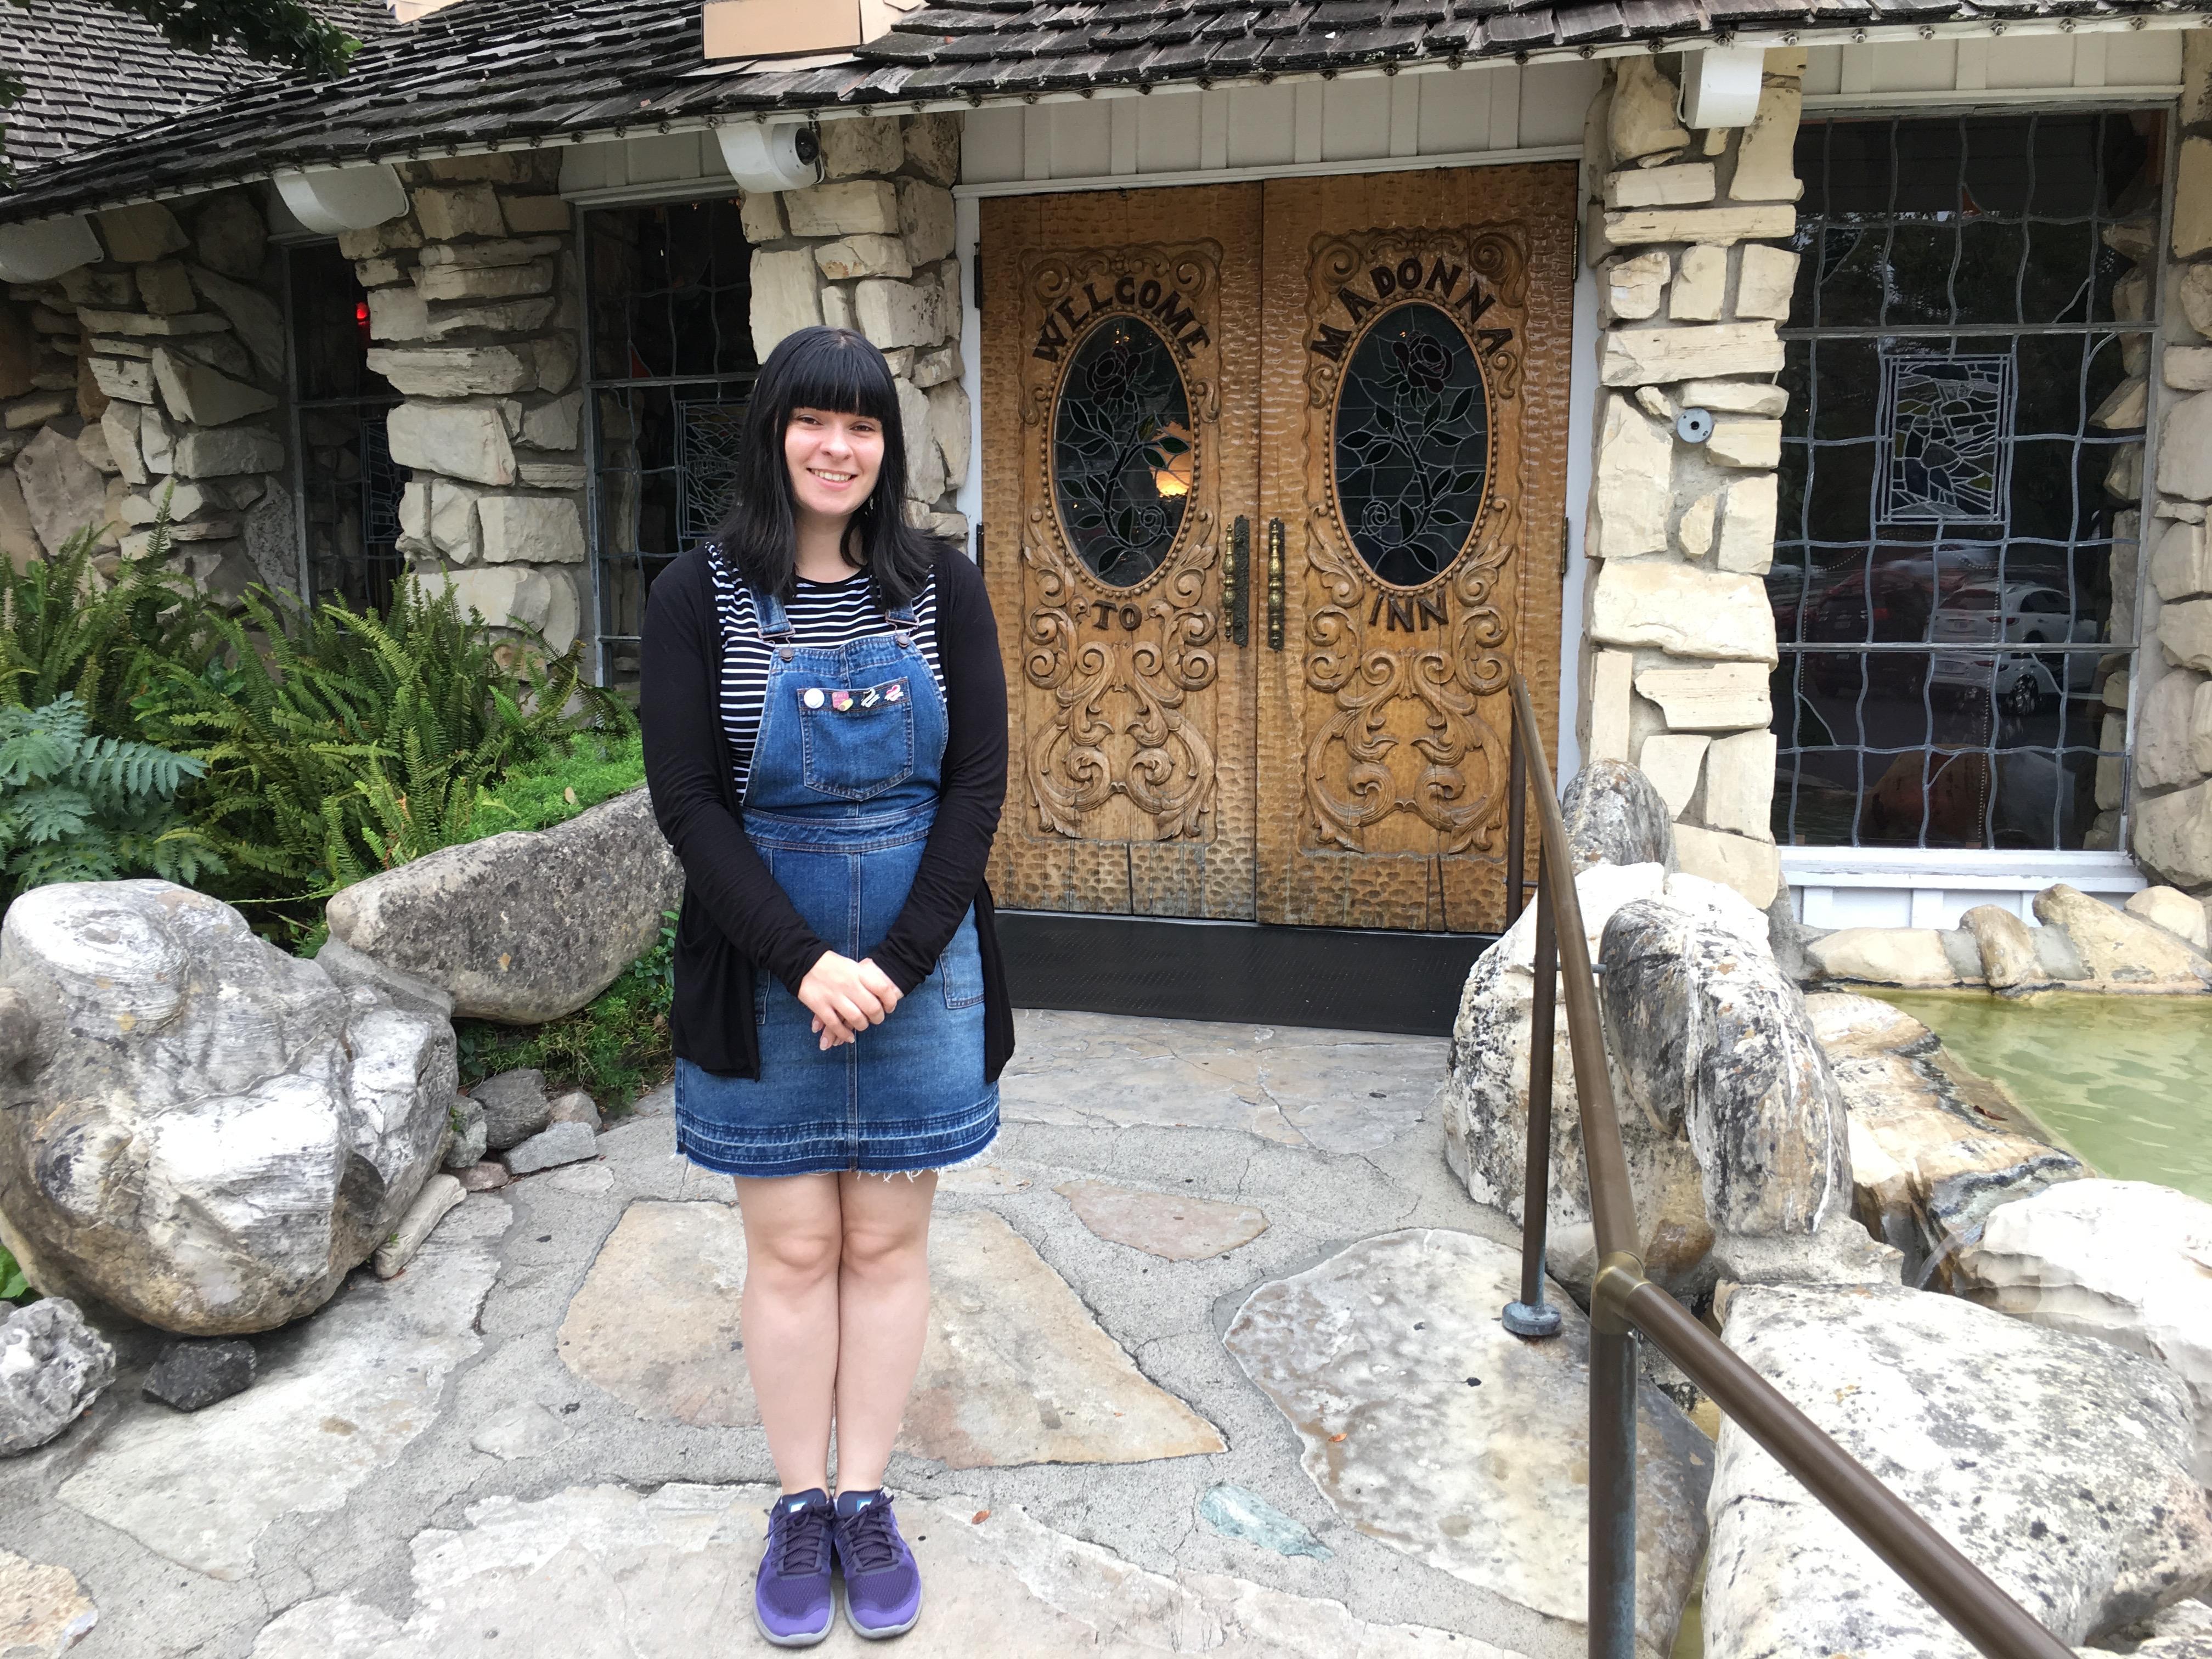 Madonna Inn - diane outside